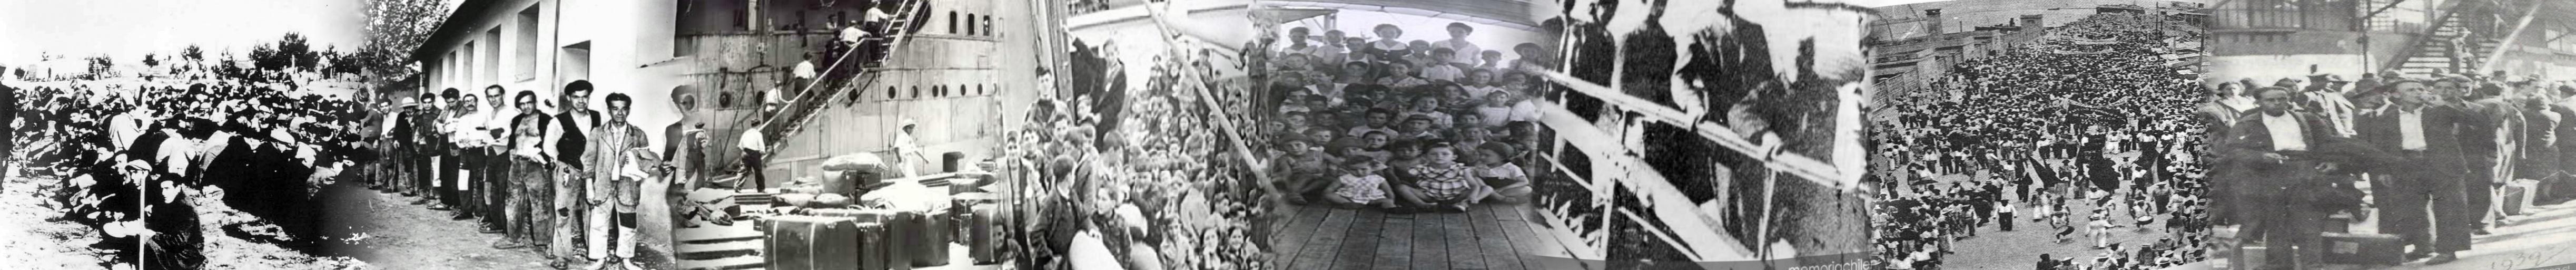 Escenas del exilio desde los campos franceses a México y Chile.